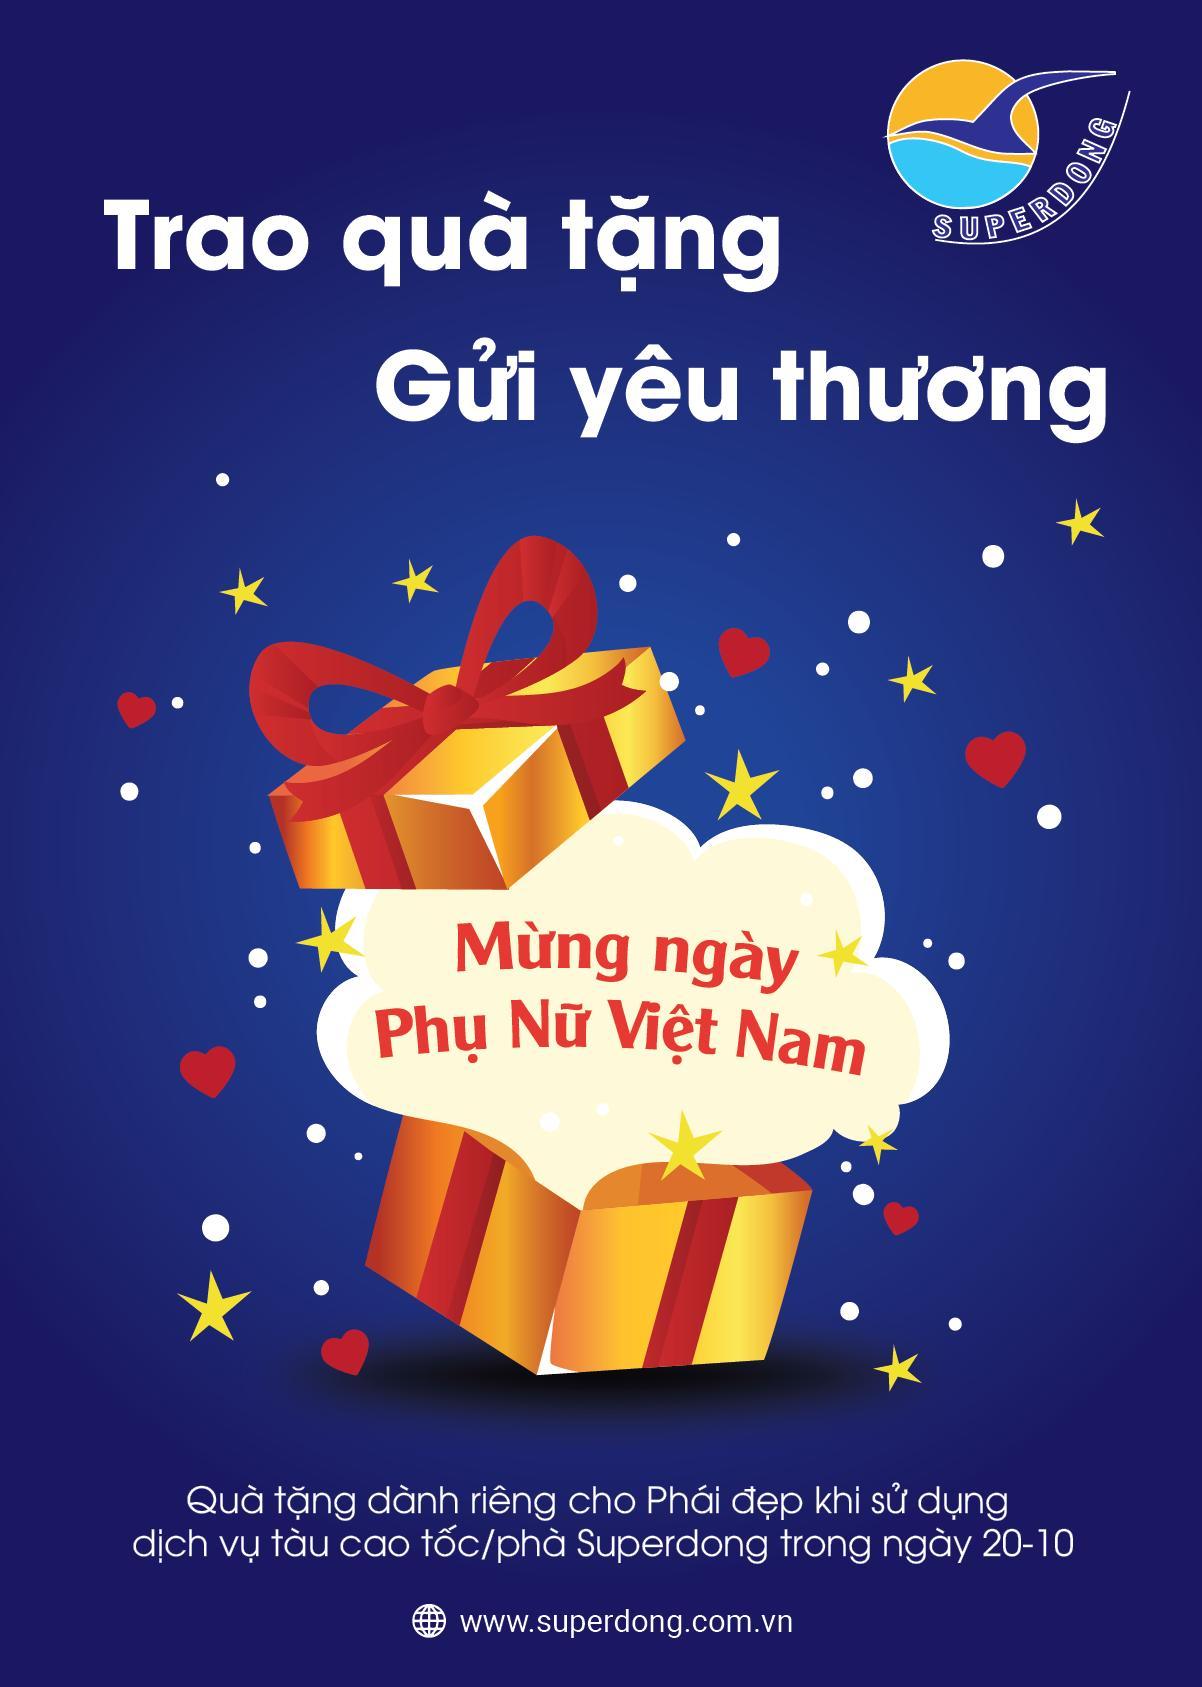 trao-qua-tang-gui-yeu-thuong-superdong-mung-ngay-phu-nu-viet-nam-20-10